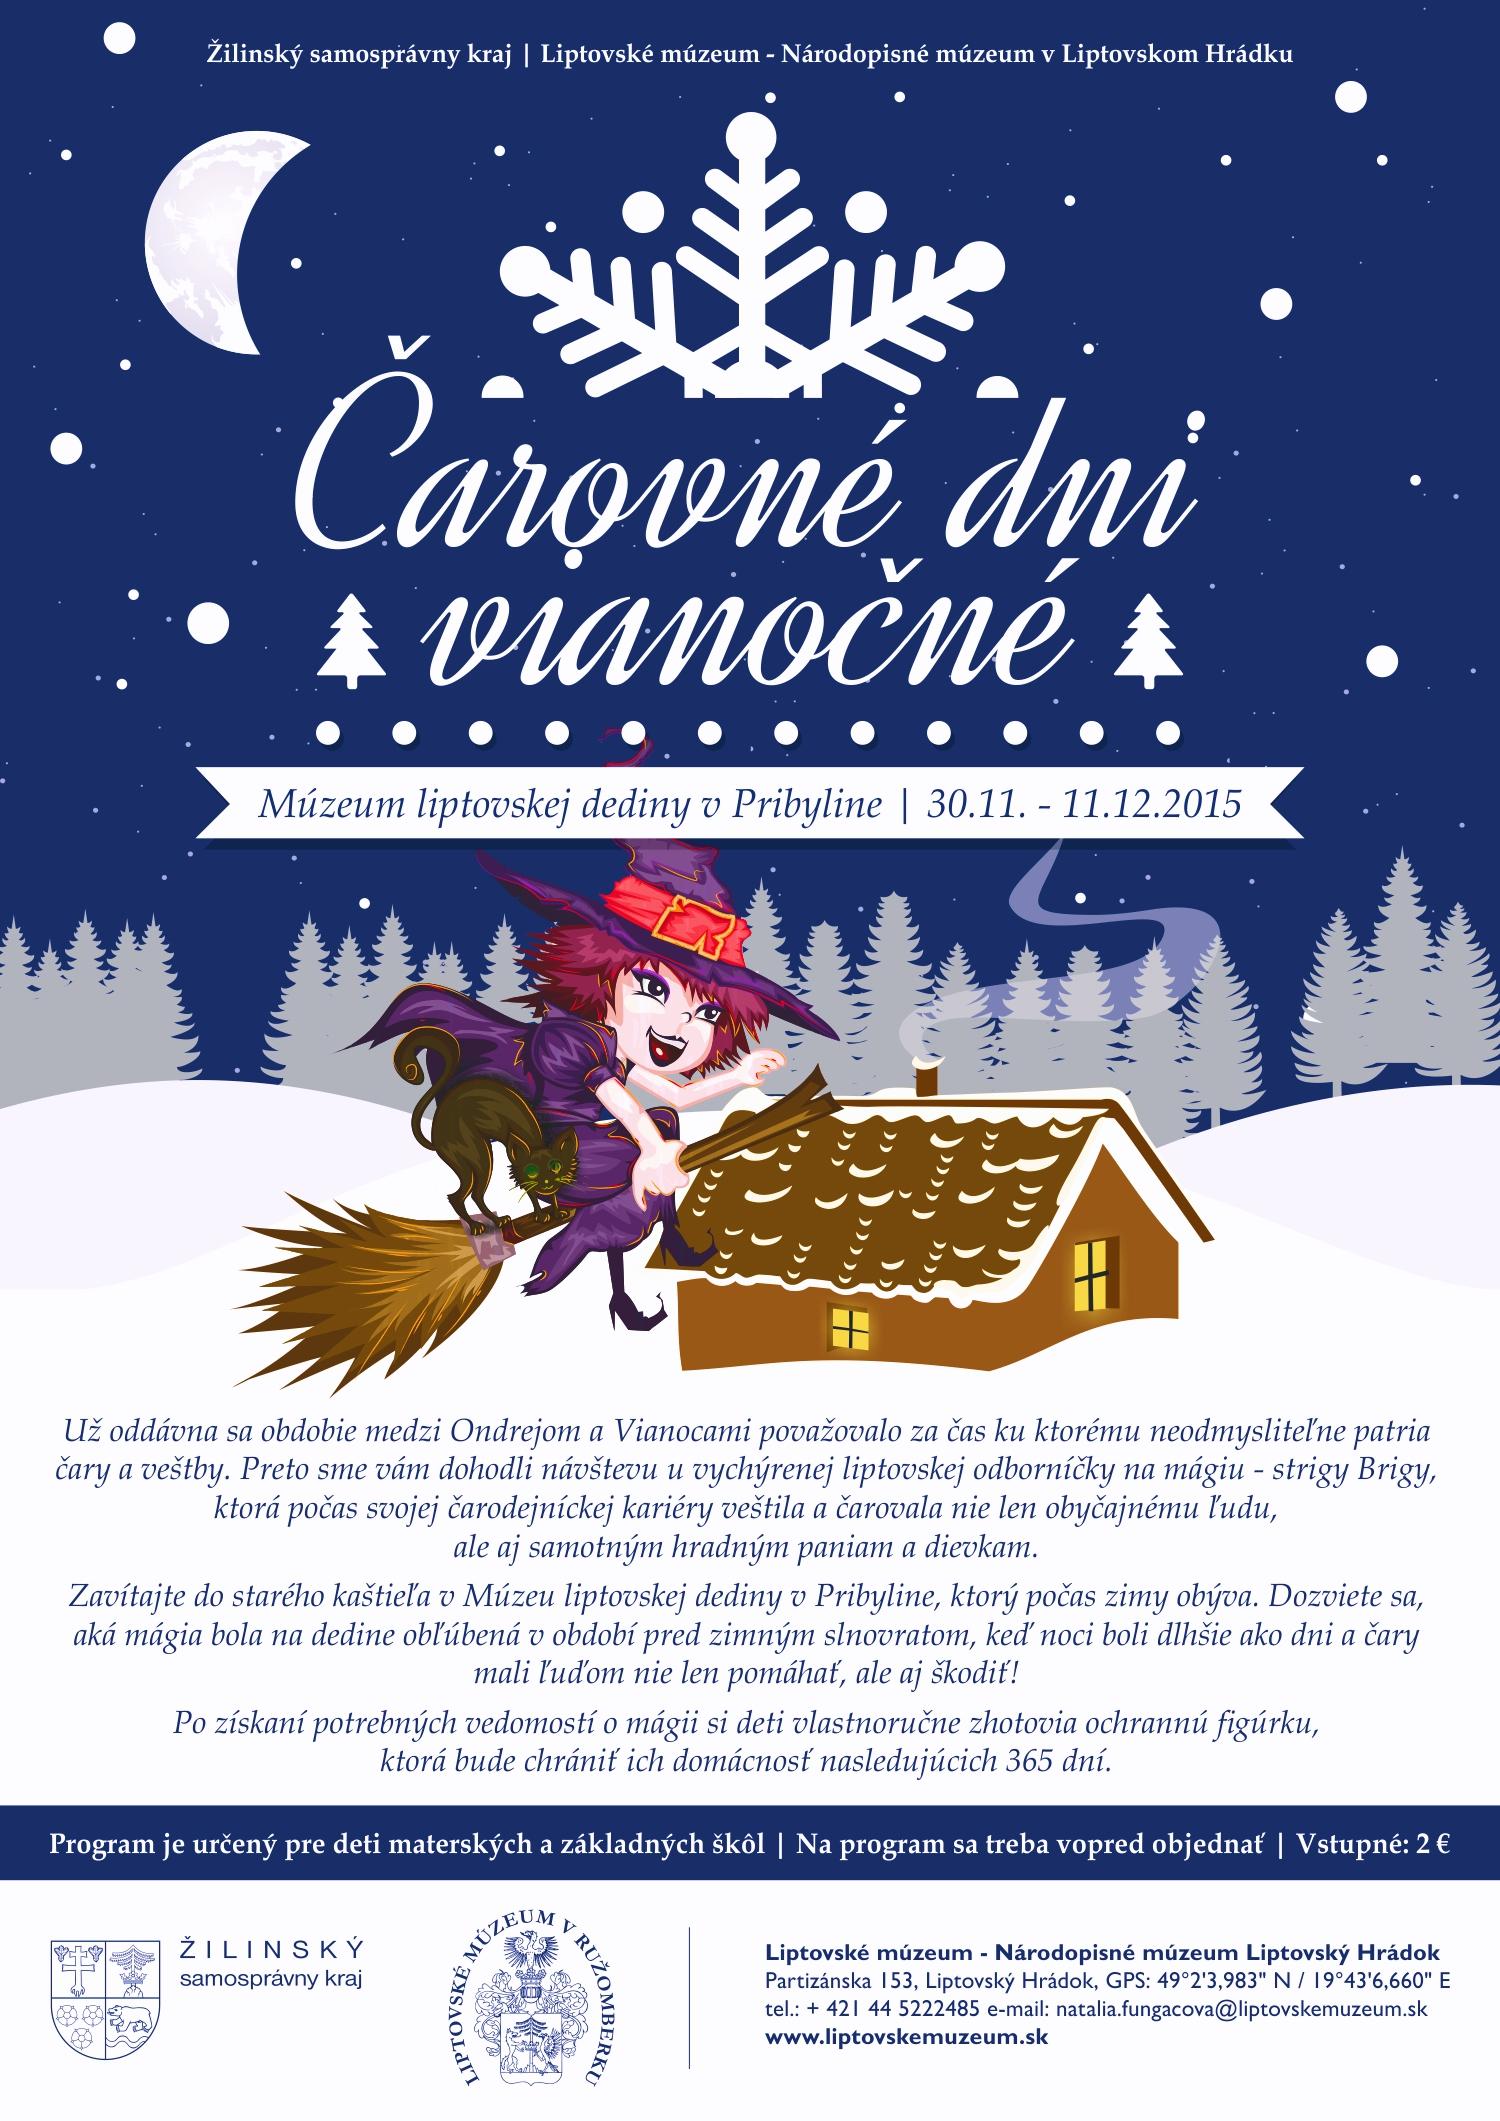 carovne-dni-vianocne-2015